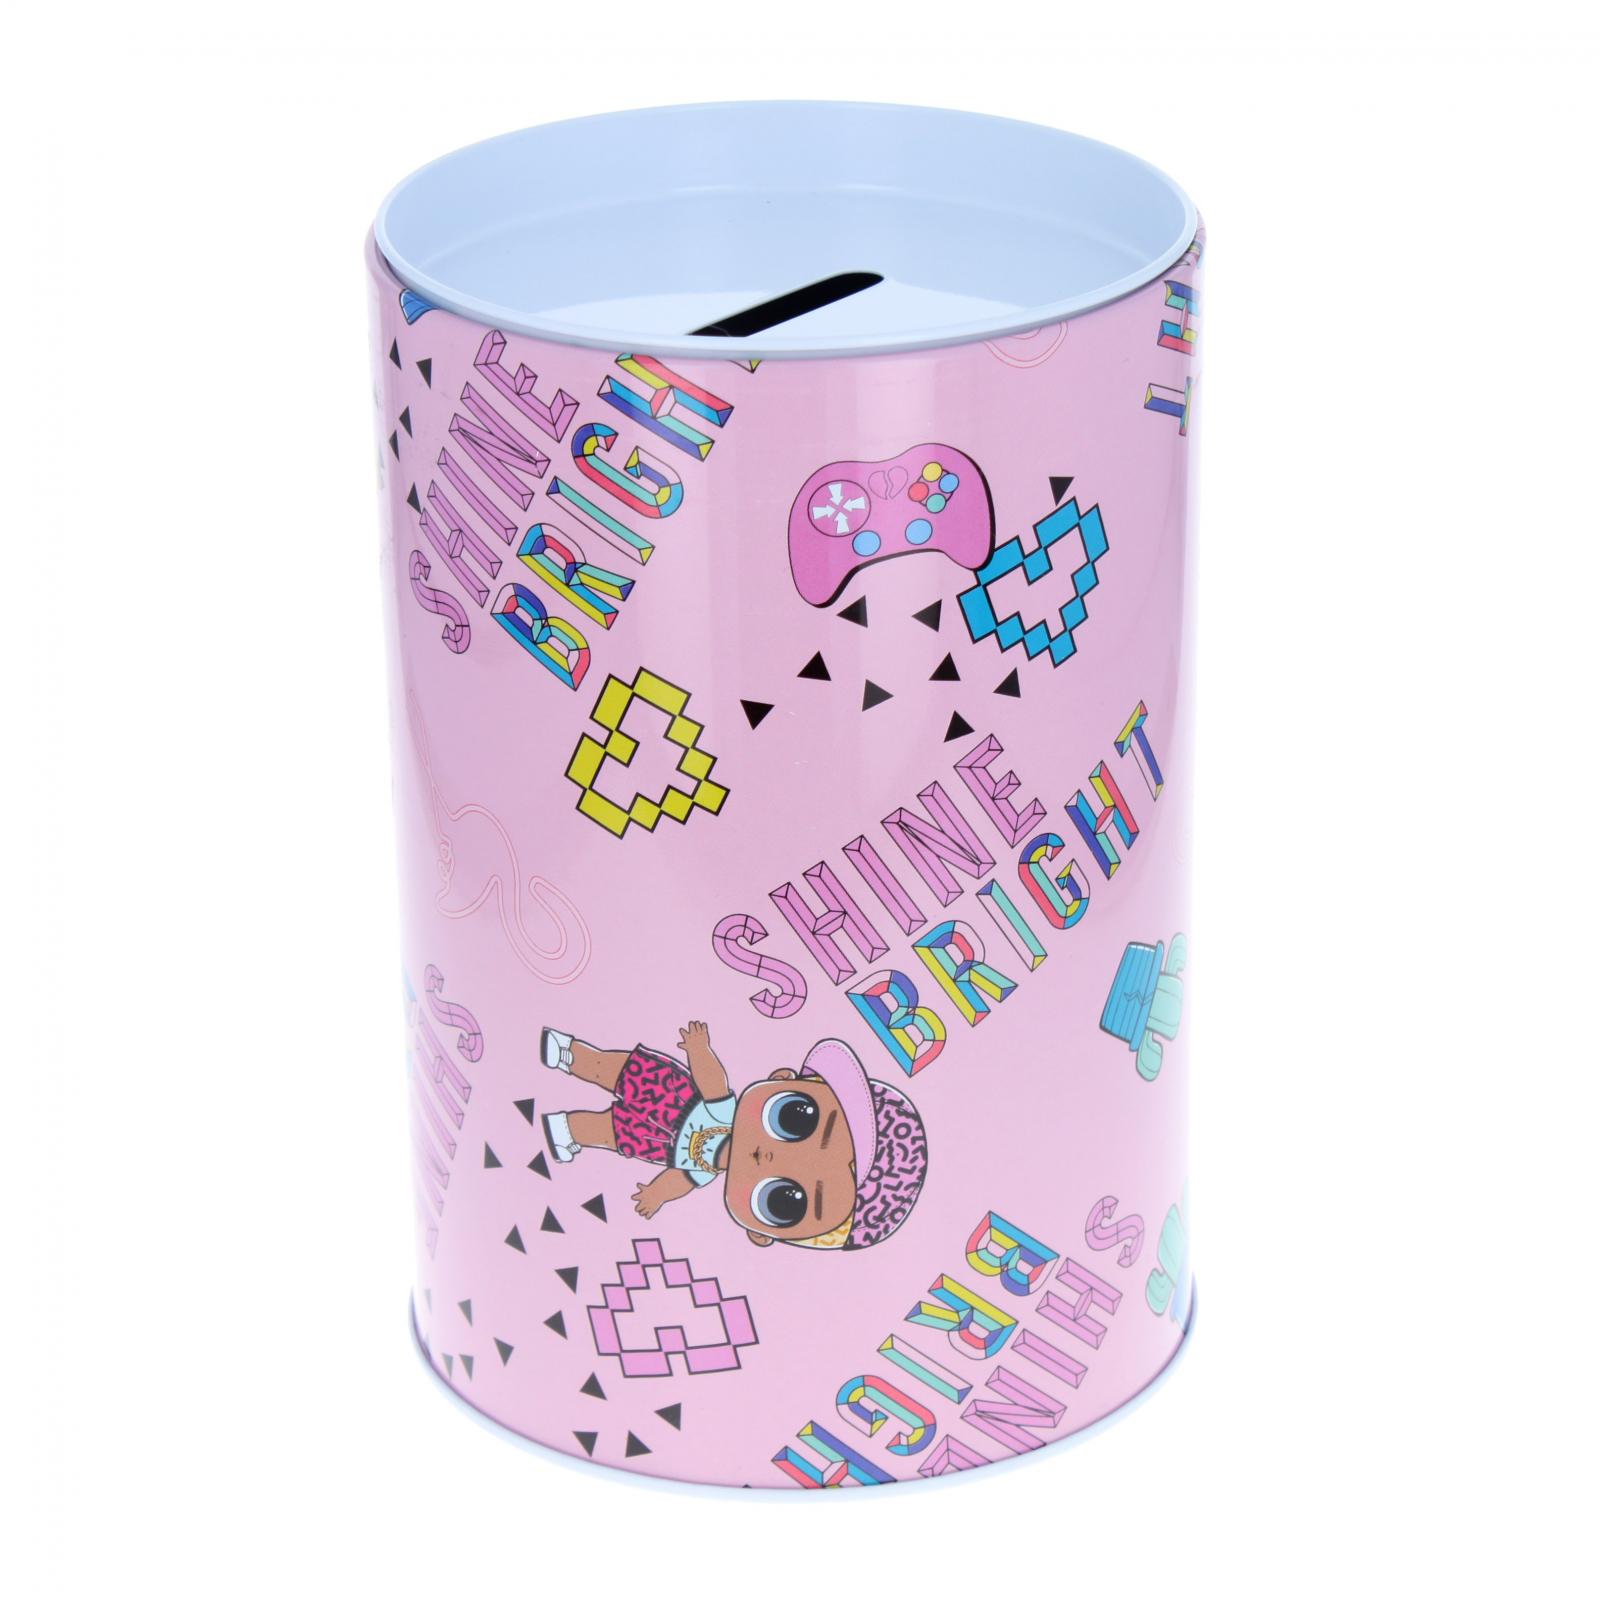 LOL Surprise Kids Tin Piggy Bank Learning Savings